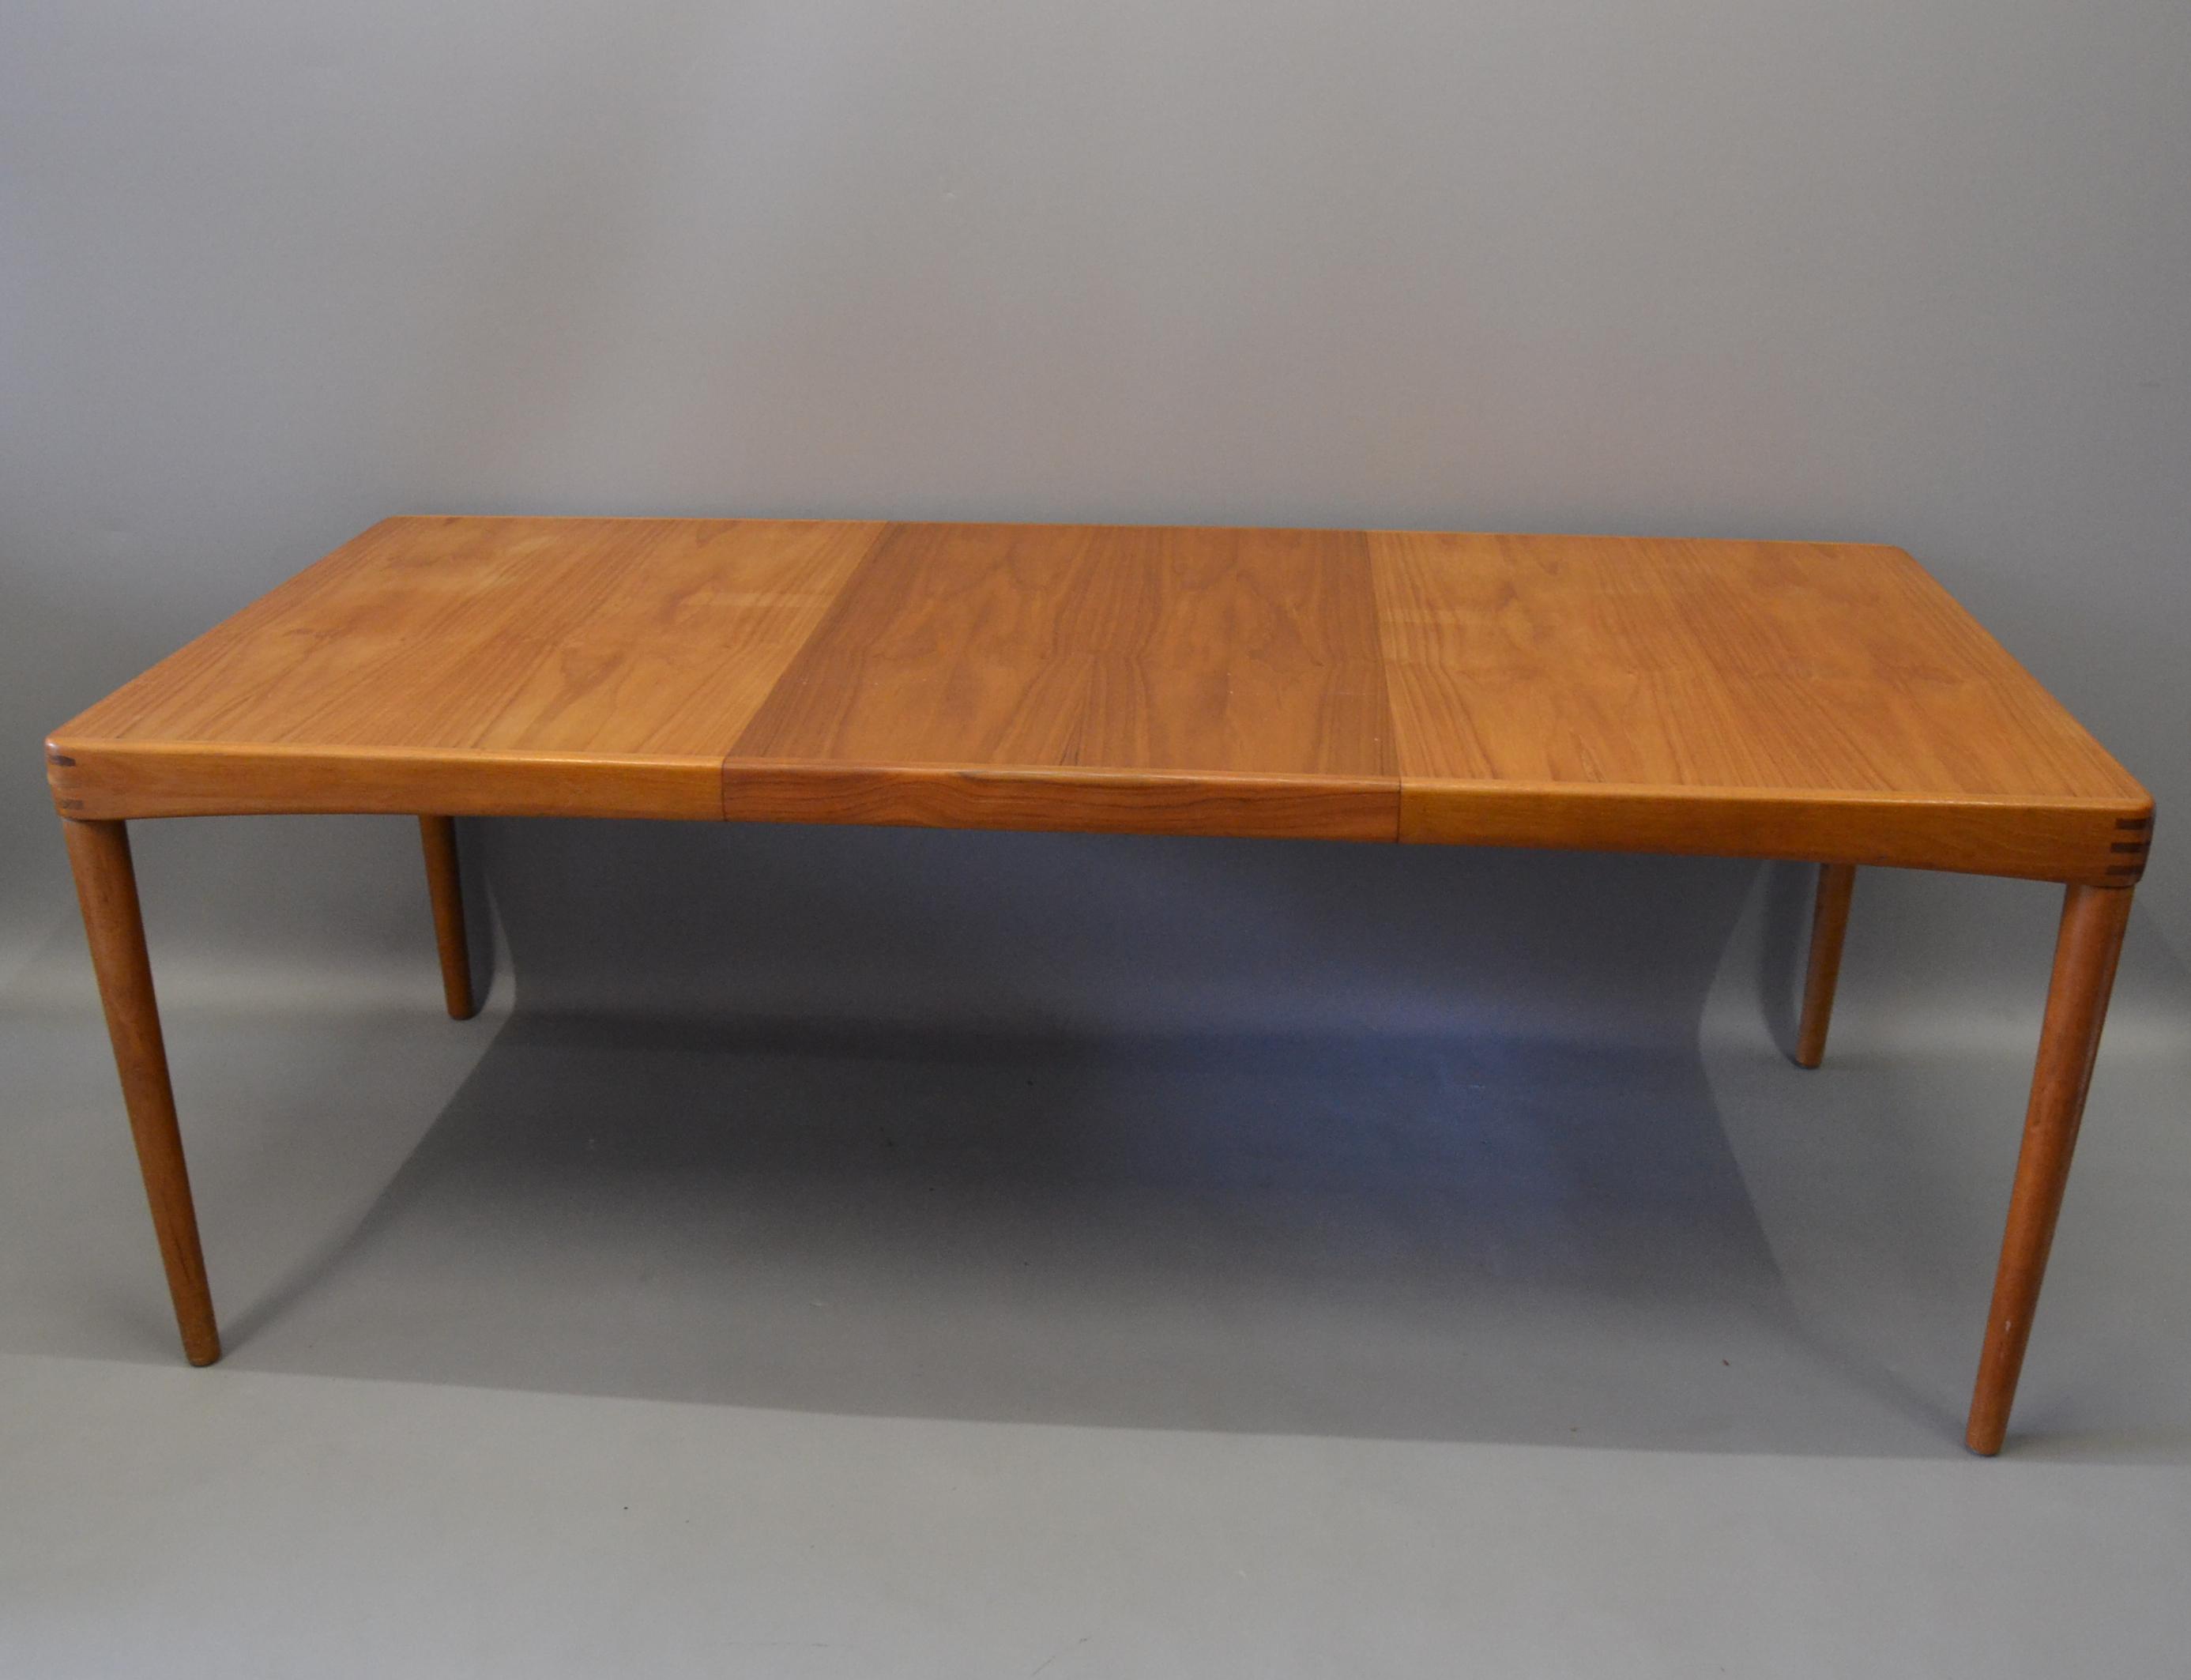 bilder f r 307597 h w klein gro er esstisch ausziehbar bramin auctionet. Black Bedroom Furniture Sets. Home Design Ideas